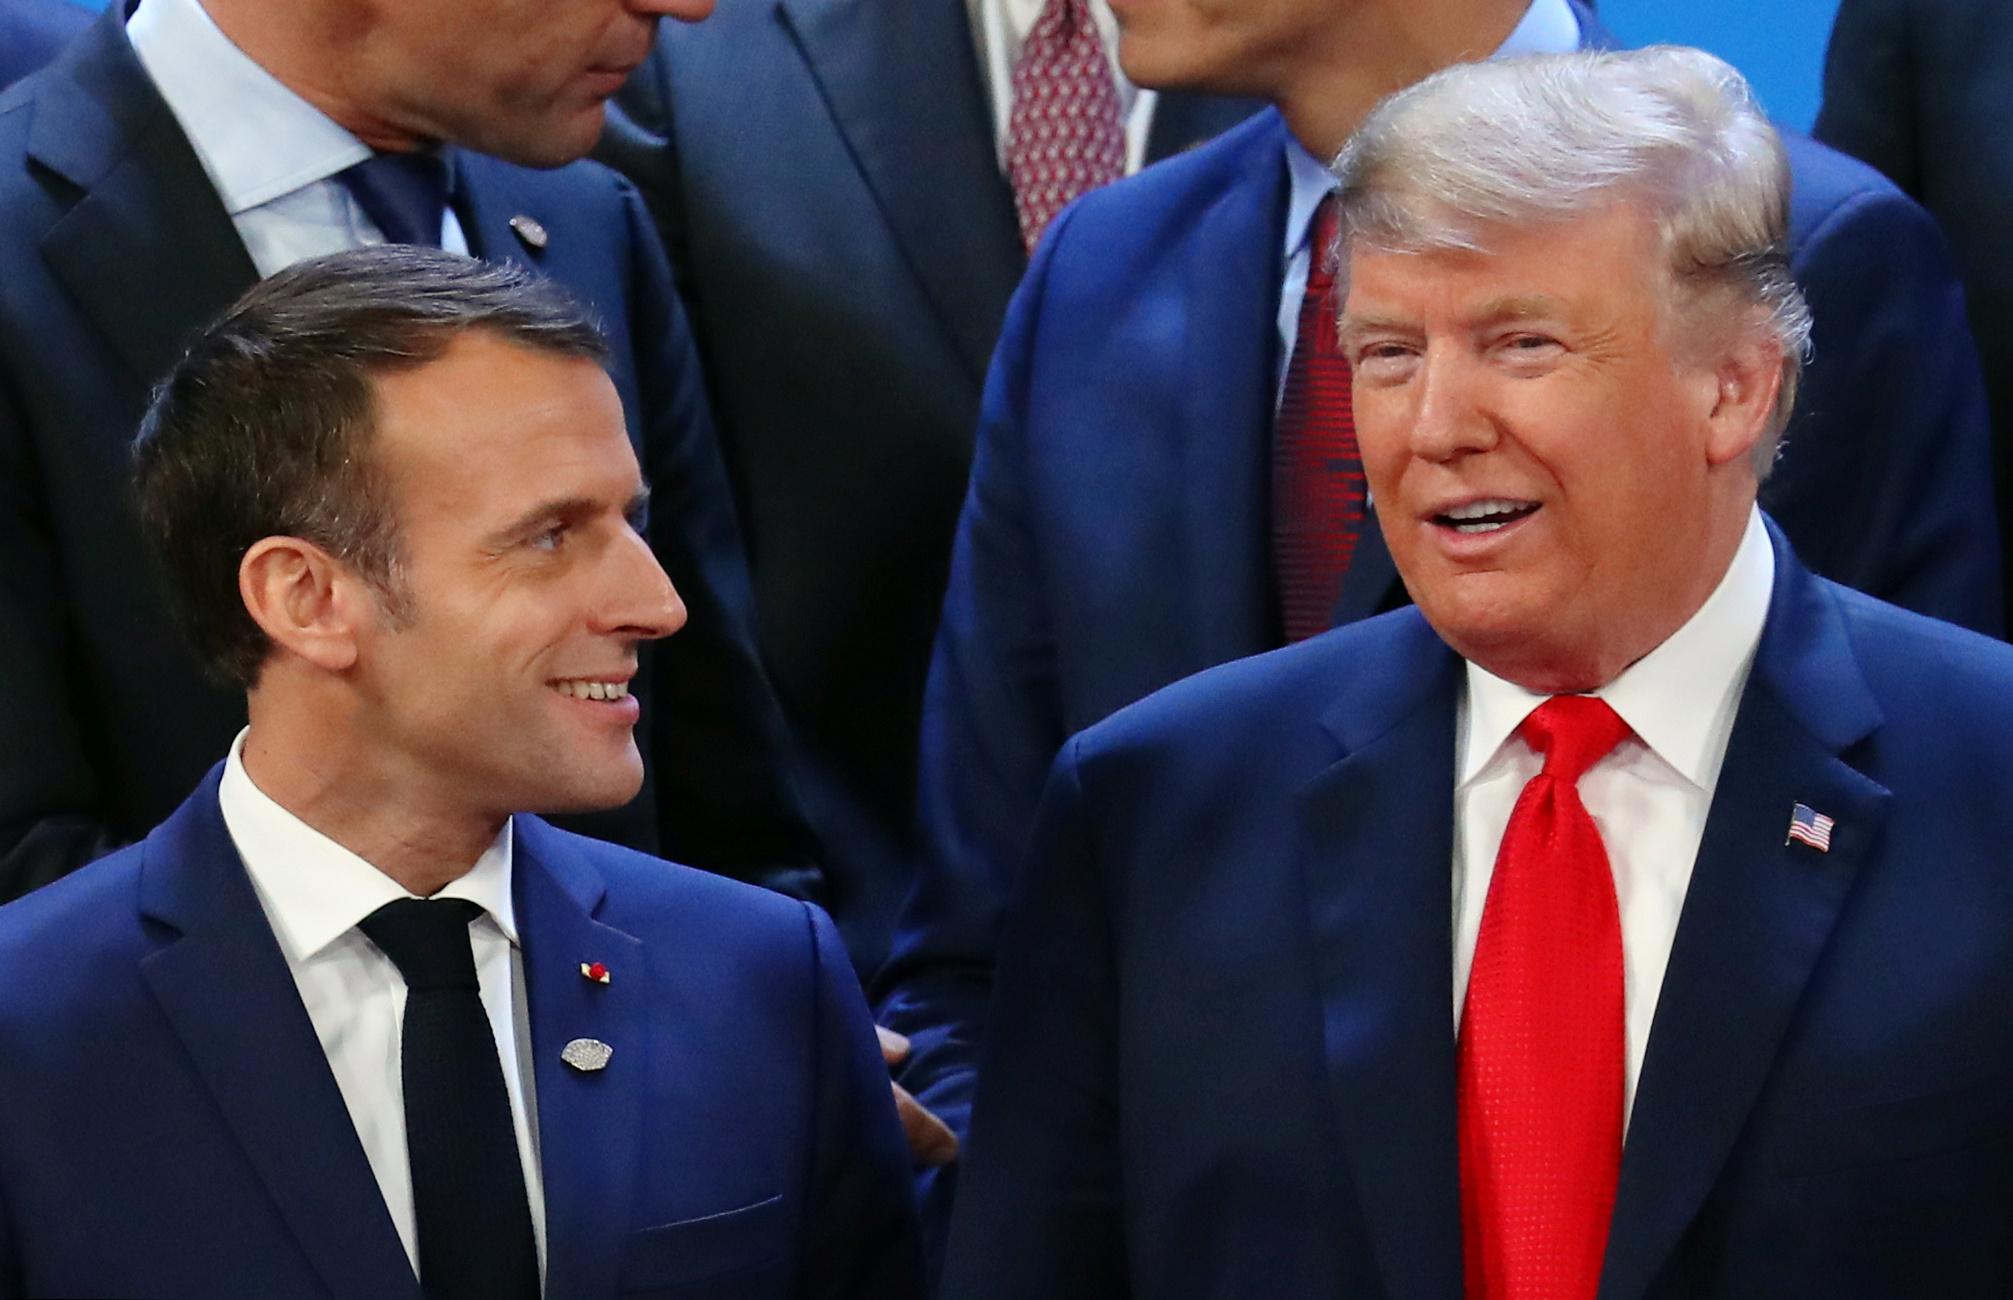 Эмманюэль Макрон и Дональд Трамп на G20